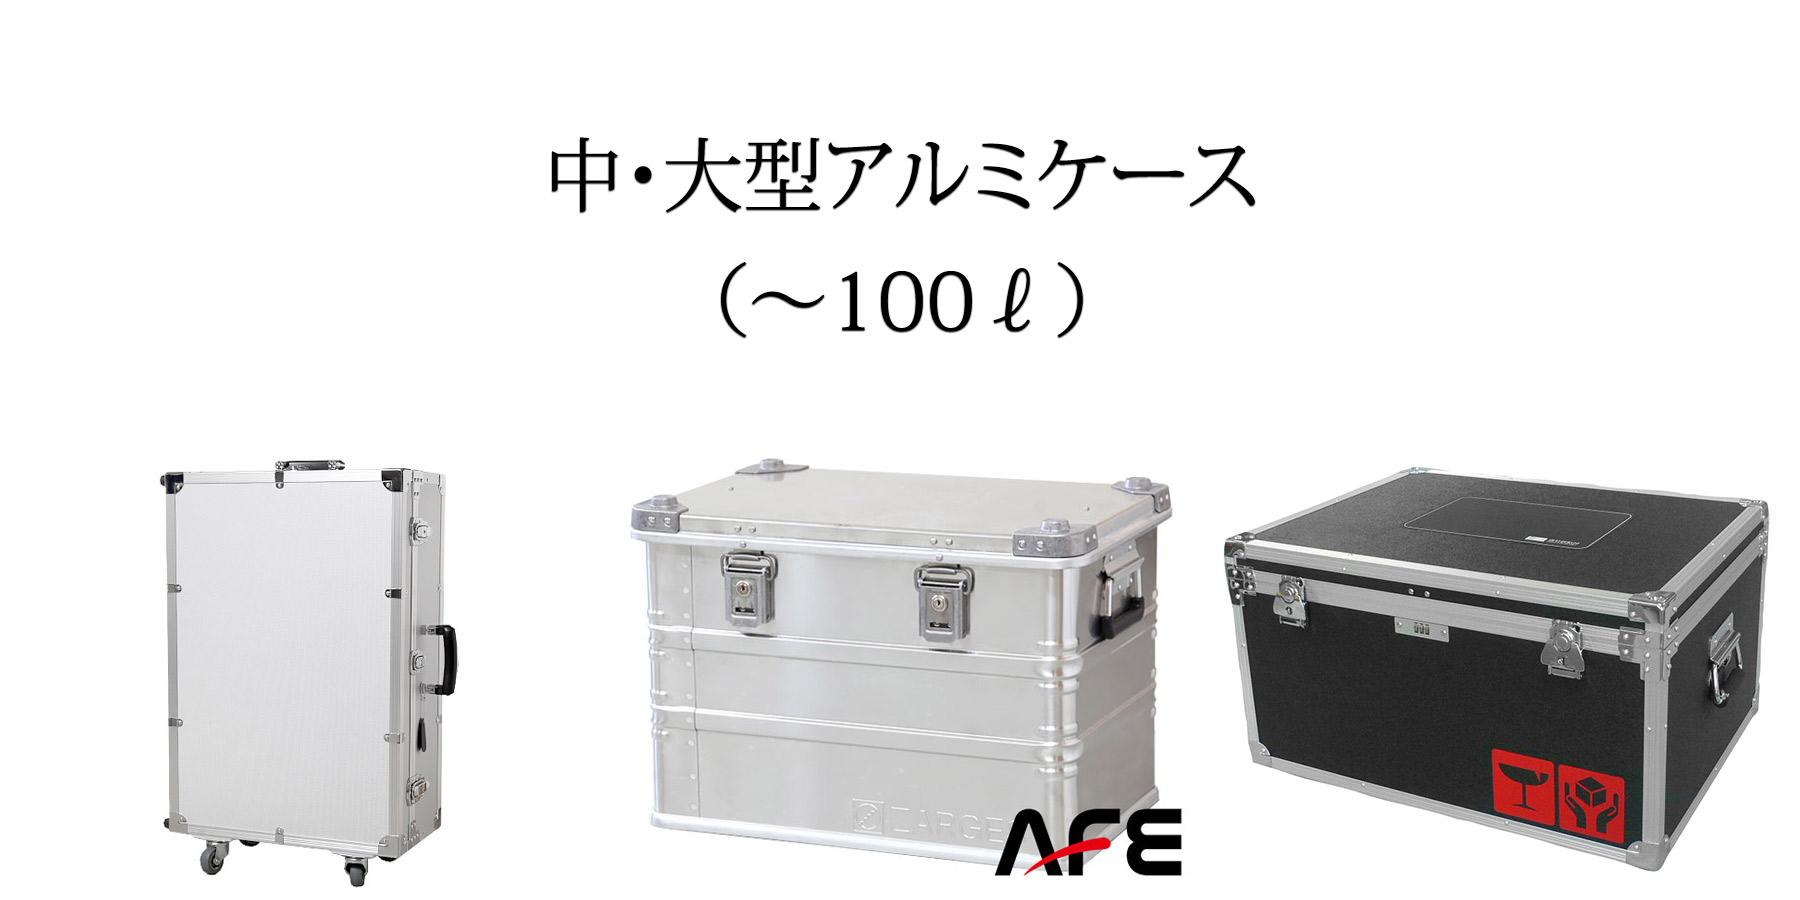 大型アルミケース (~100ℓ)